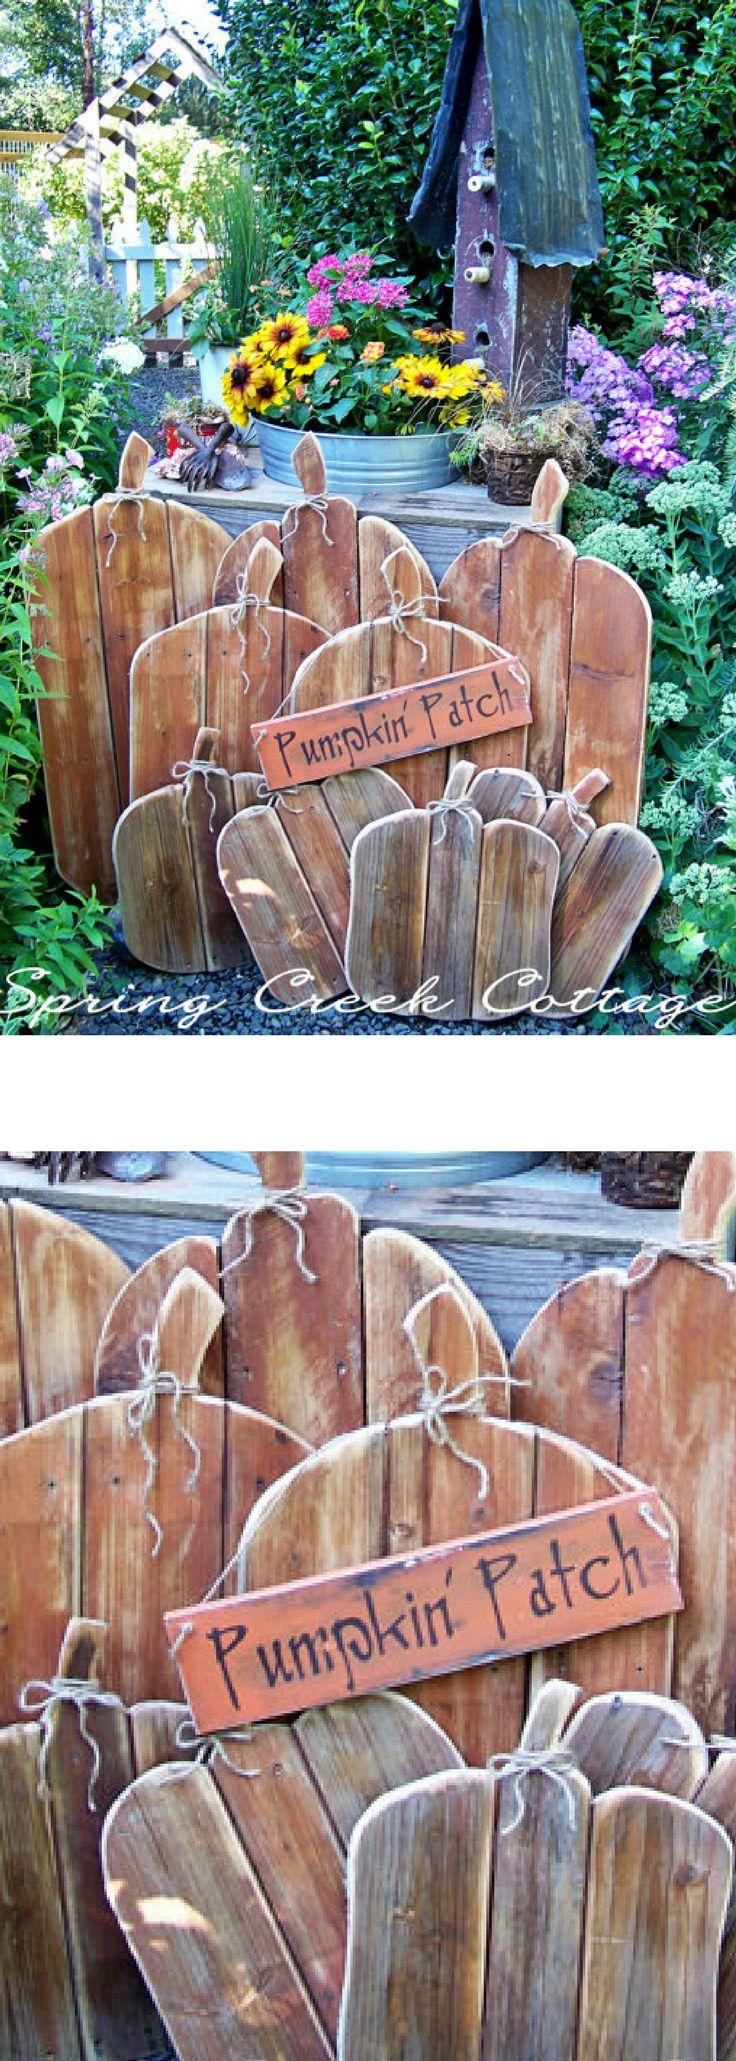 Small Wood Pumpkin, Fall Decor, Pumpkin Sign, Pumpkins, Halloween, Handpainted Wooden Pumpkins, Autumn, Harvest, Rustic Thanksgiving Decor #affiliatelink